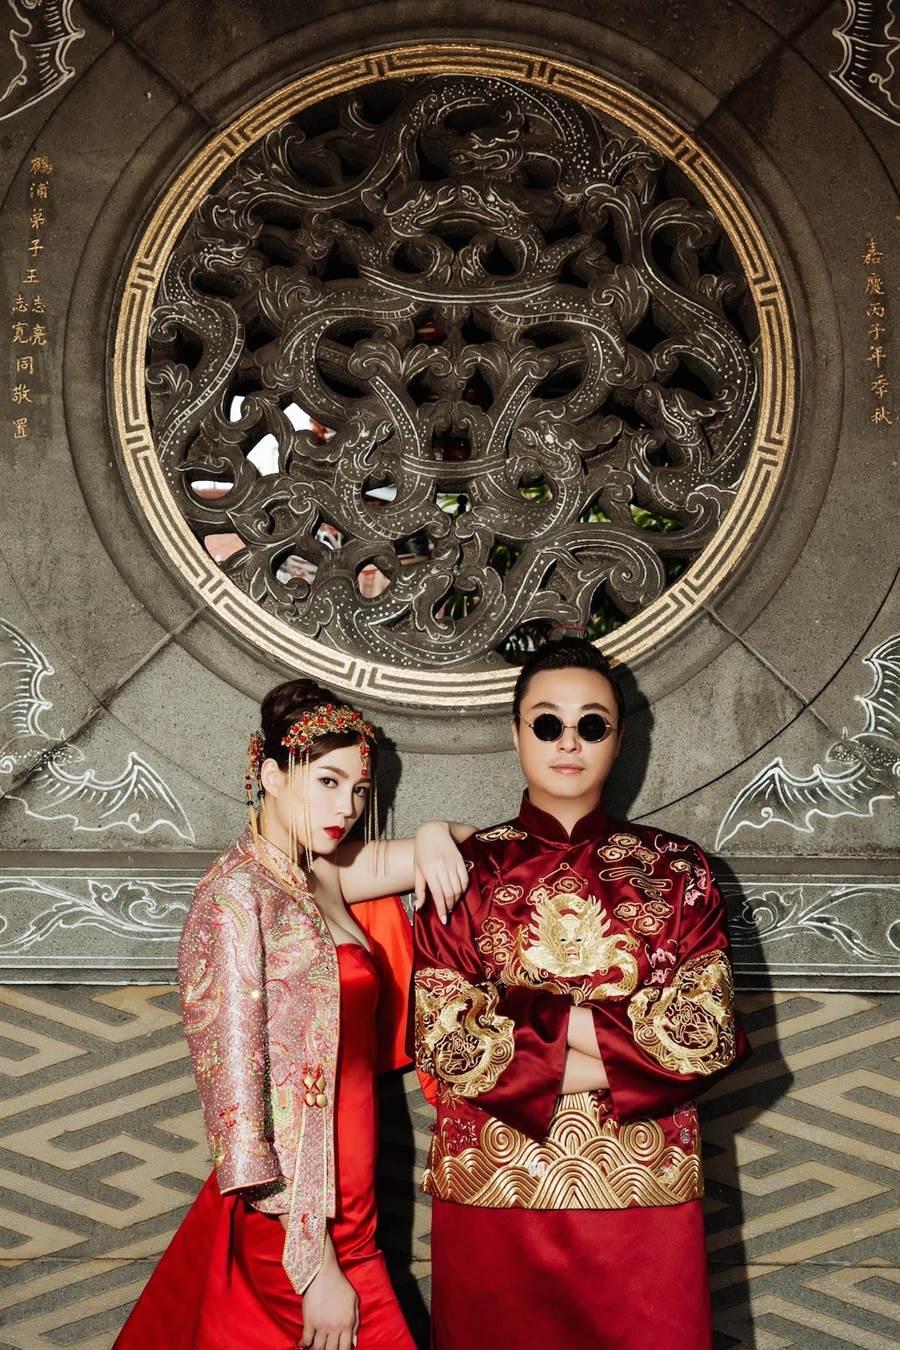 葉映彤與老公拍攝懷舊東方風格婚紗照。(LinLi Boutique提供)